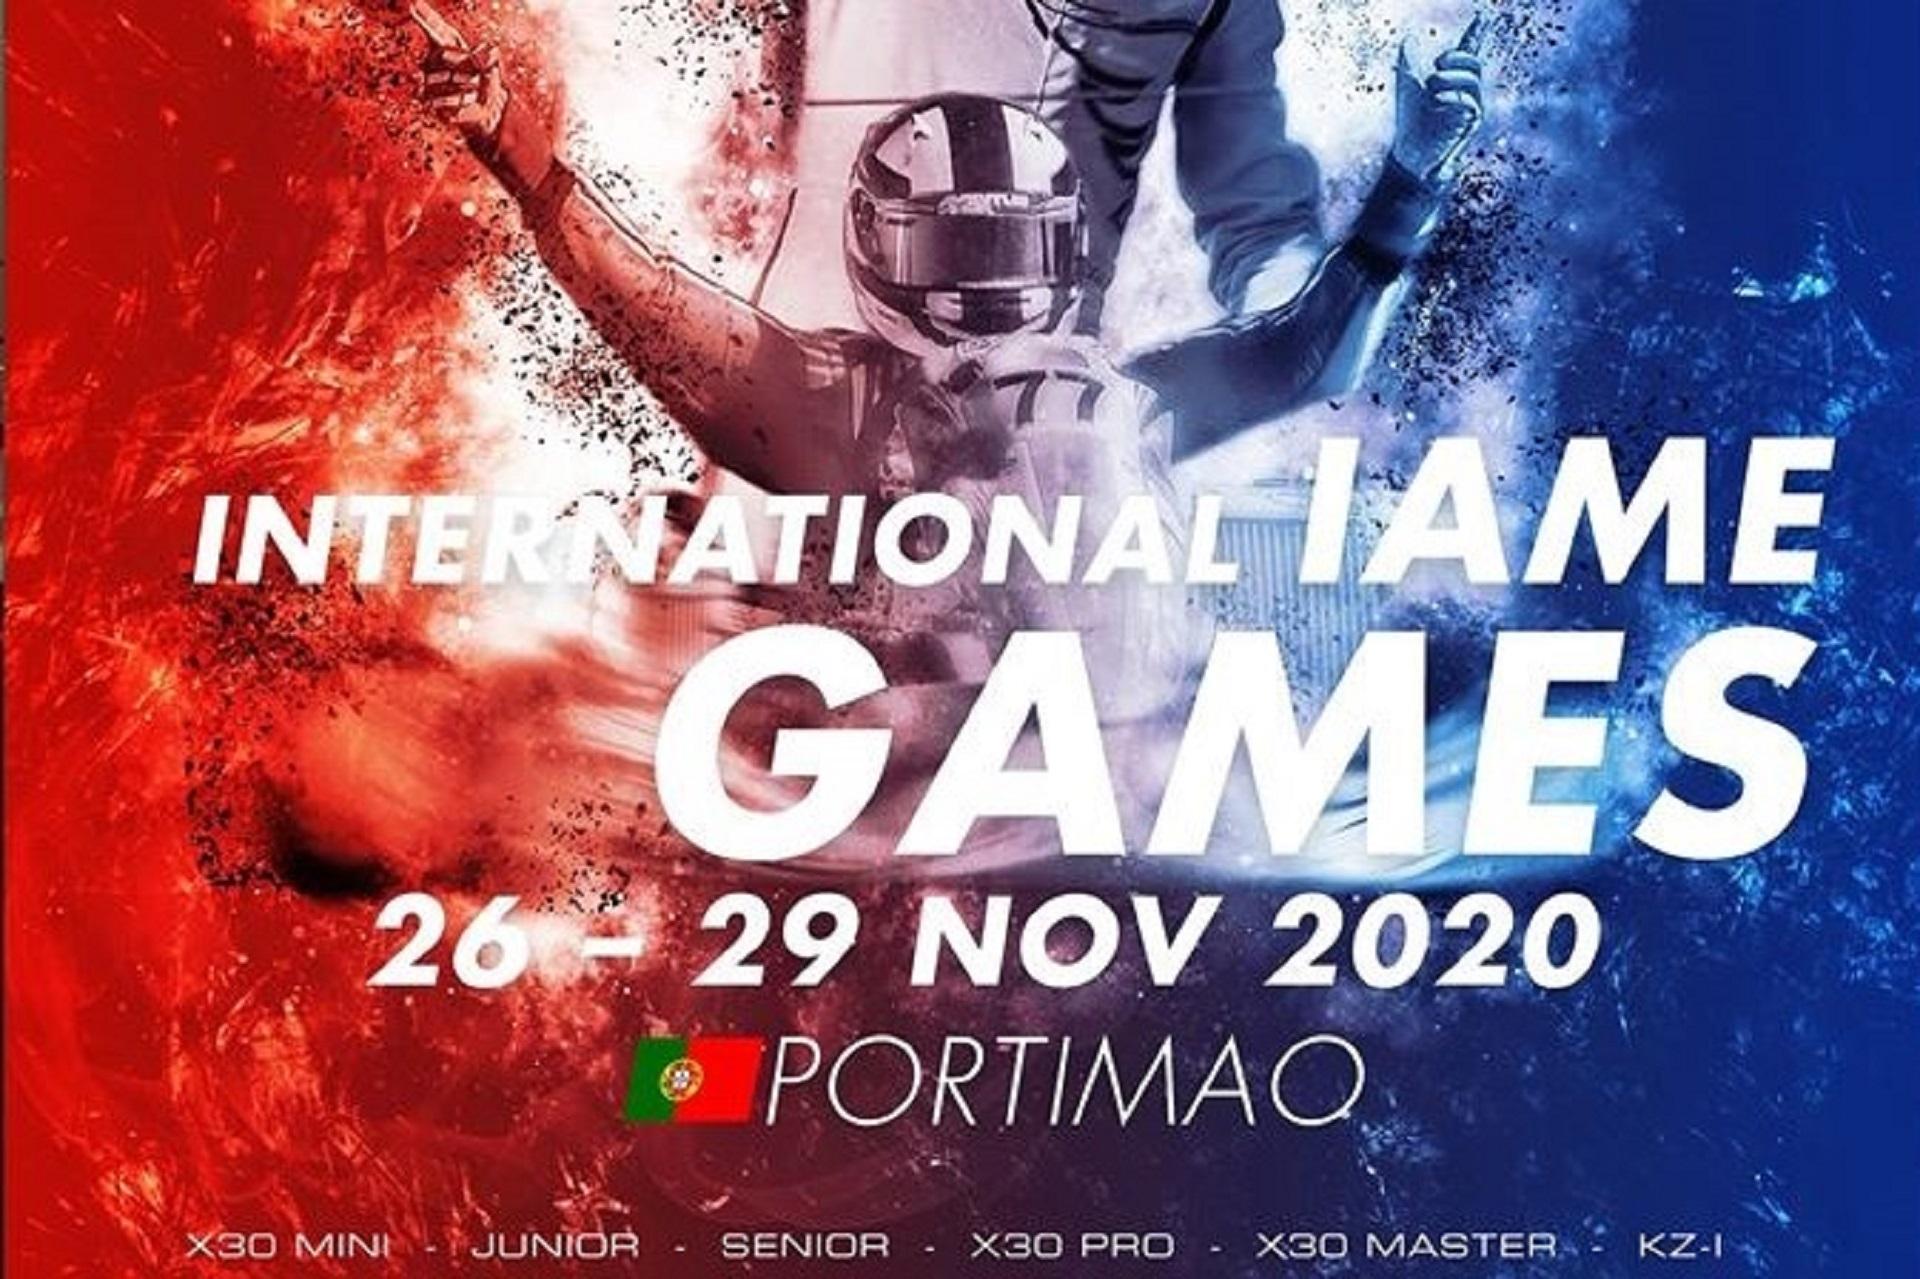 Portimão vai receber os 'International Iame Games' entre 26 e 29 de novembro de 2020